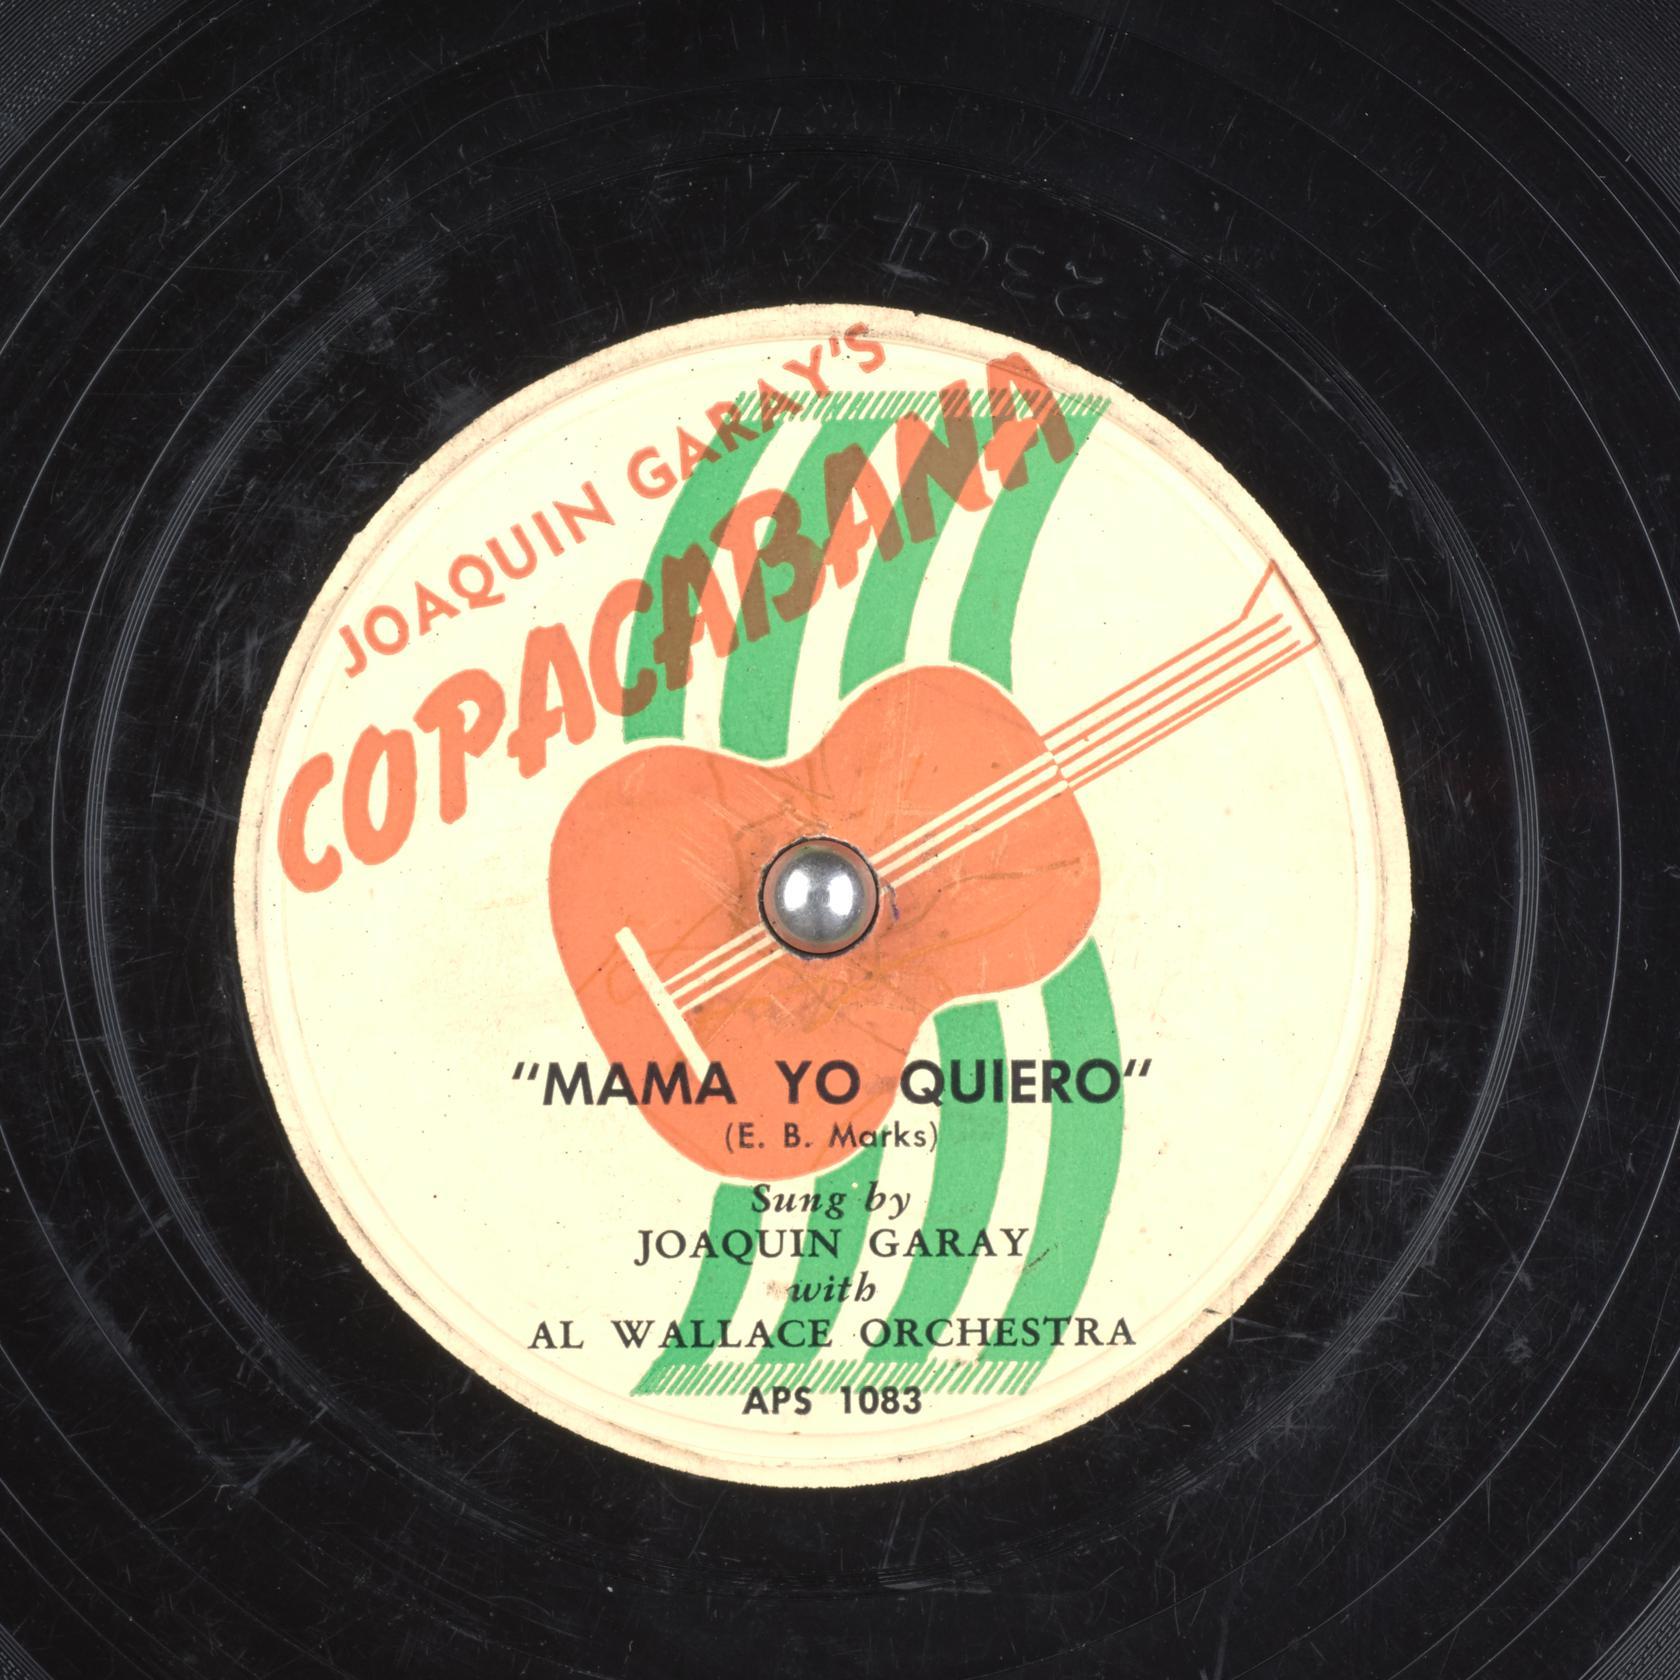 78_mama-yo-quiero_joaquin-garay-al-wallace-orchestra-e-b-marks_gbia0034720a